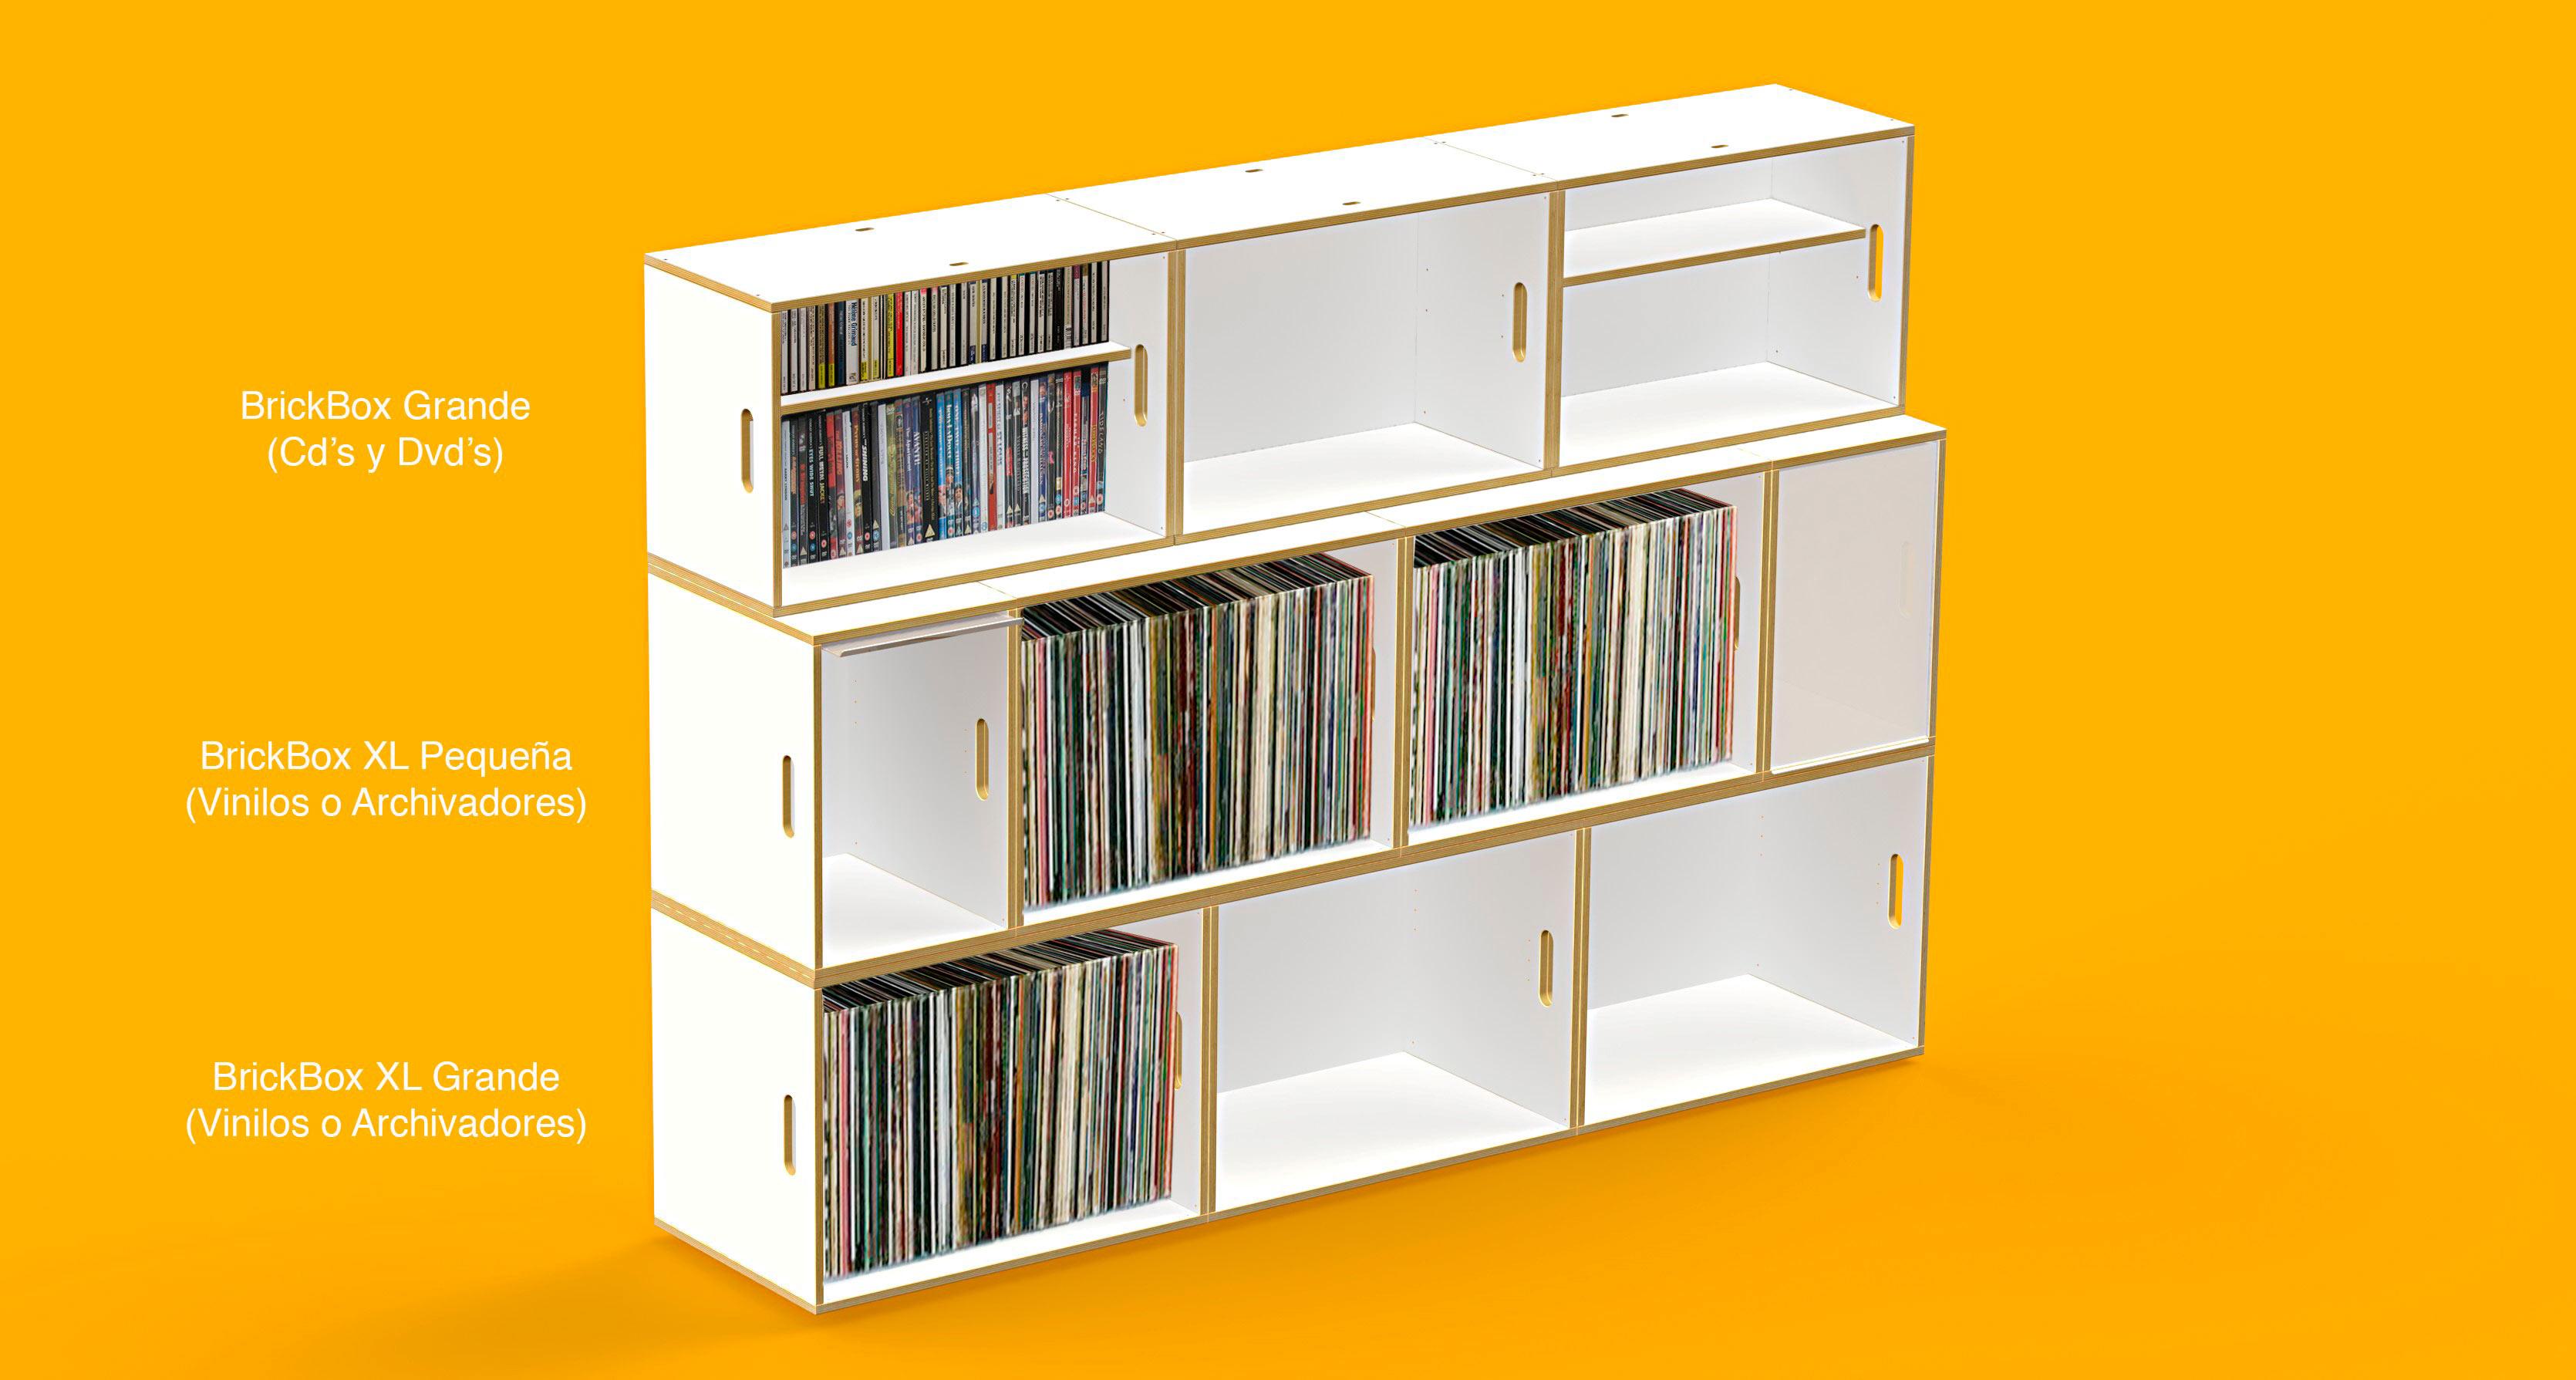 Estantería con combinación de módulos BrickBox XL para vinilos o archivadores y BrickBox estándar para Cds y DVDs.